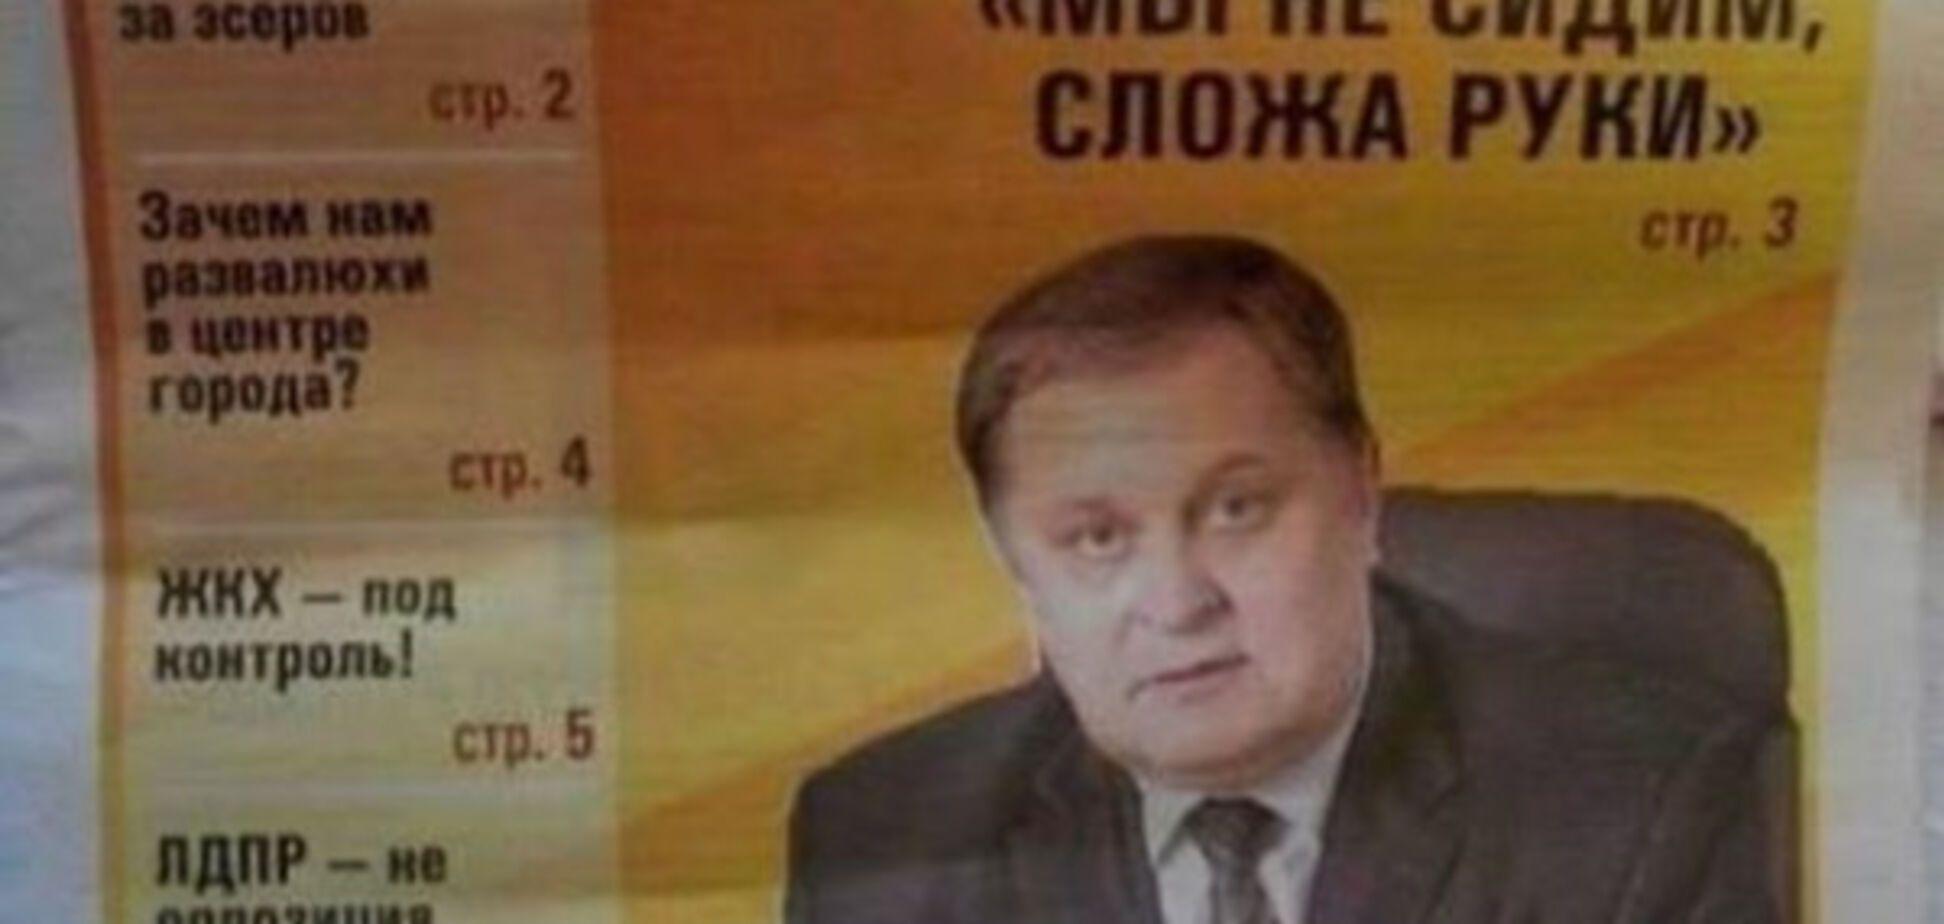 Россия, газета